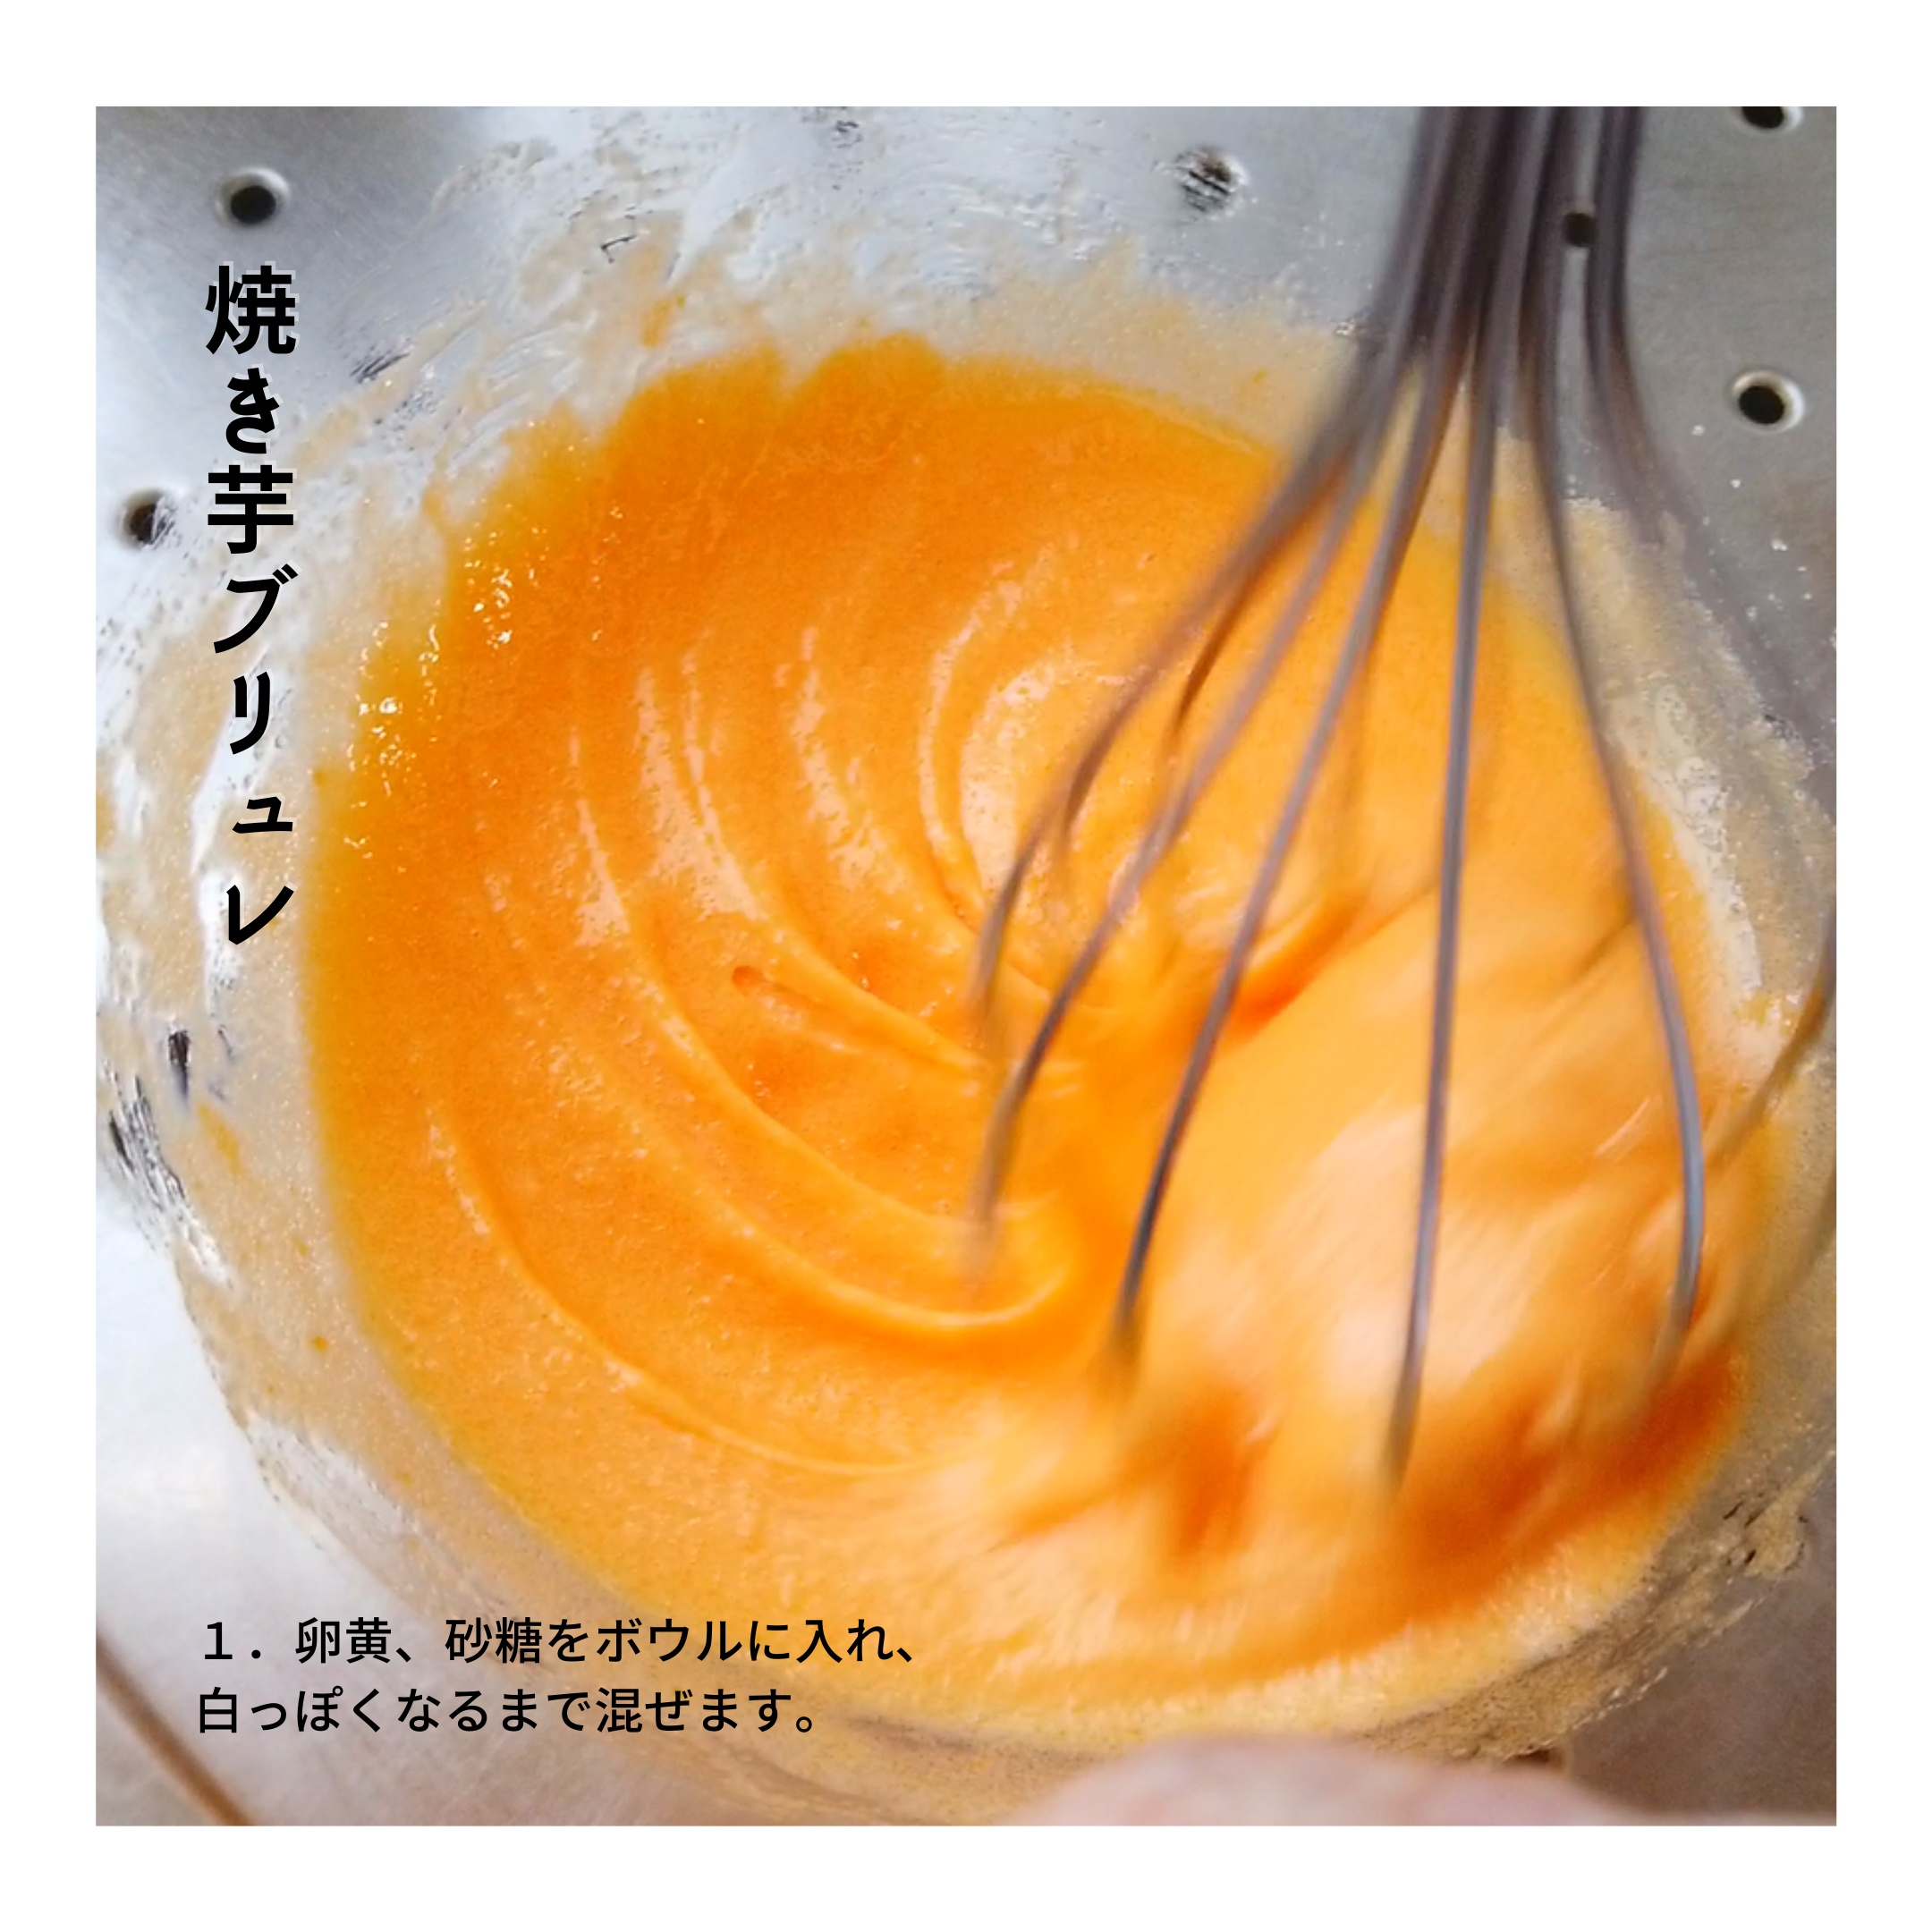 【焼き芋(壺芋)ブリュレの作り方】1.卵黄、砂糖をボウルに入れ、白っぽくなるまで混ぜます。